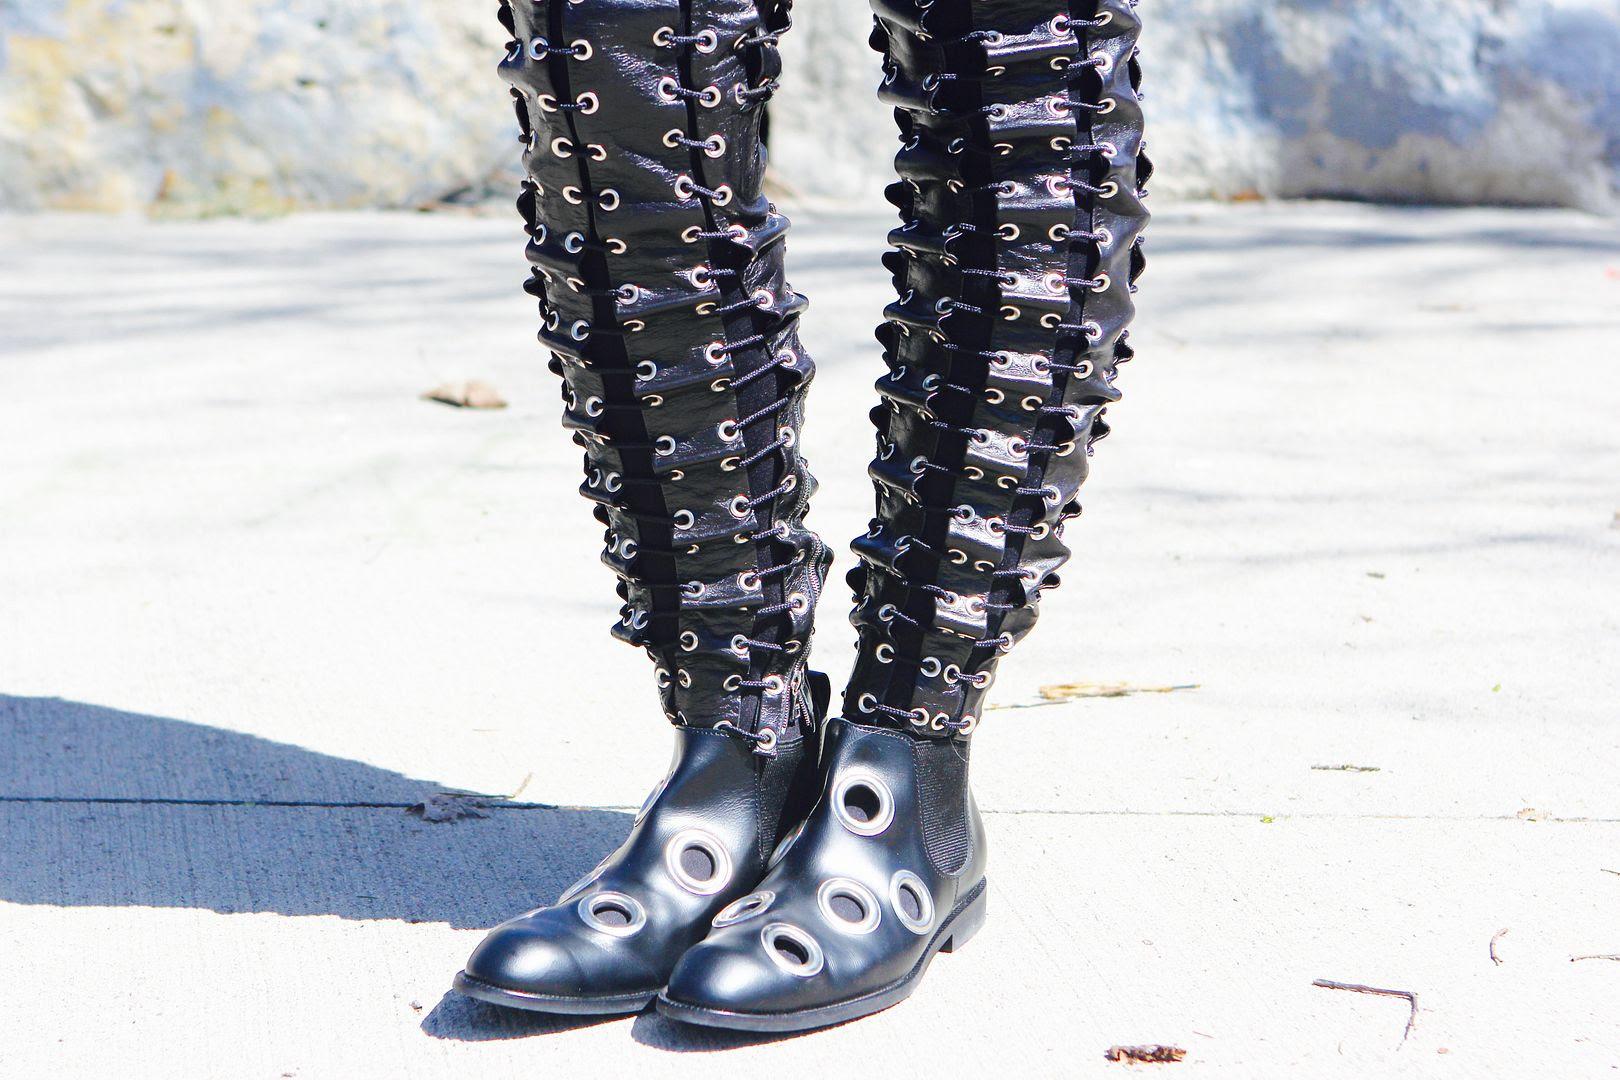 photo cailli beckerman-toronto-rodarte-grommet pants-comme des garcons shoes-1_zpsdgpsmpv5.jpg